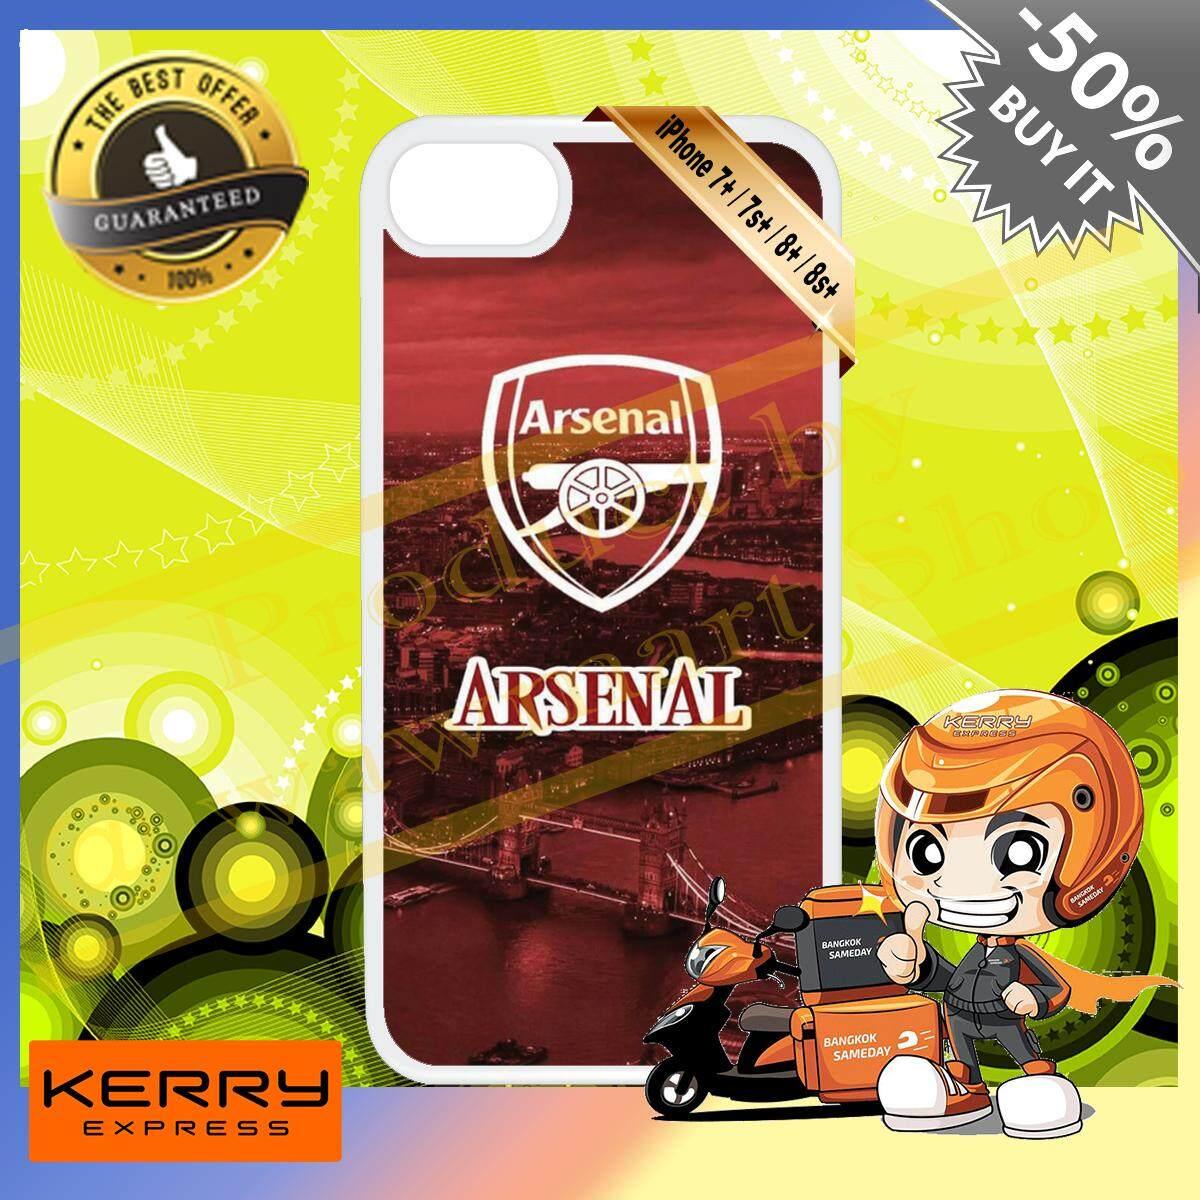 (เตรียมส่งใน 1-3 วันทำการ) ร้าน ขาย เคส มือ ถือ สำหรับ I Phone 7 / 7 Plus / 8 / 8 Plus / 7 พลัส / 8 พลัส Custom Diy Design White A72 Hd Print สกรีน พิมพ์ลาย ทีม Arsenal Football Club ไอ้ปืนใหญ่ พรีเมียร์ลีก วัสดุ ซิลิโคน Tpu แบบนิ่ม ราคาถูกมากก.